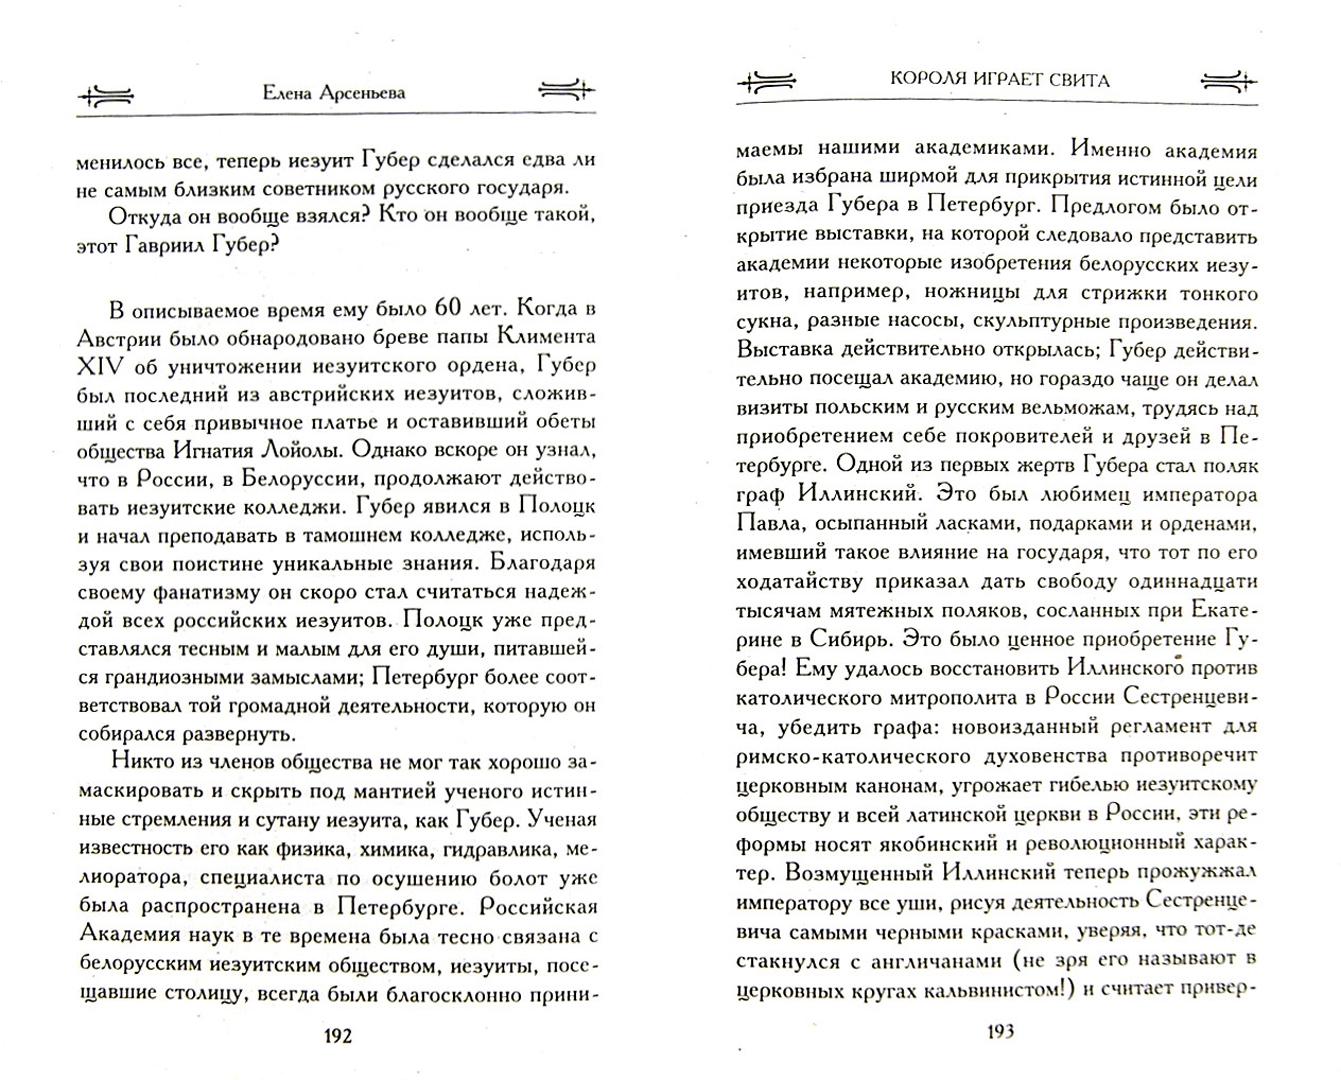 Иллюстрация 1 из 18 для Короля играет свита - Елена Арсеньева   Лабиринт - книги. Источник: Лабиринт